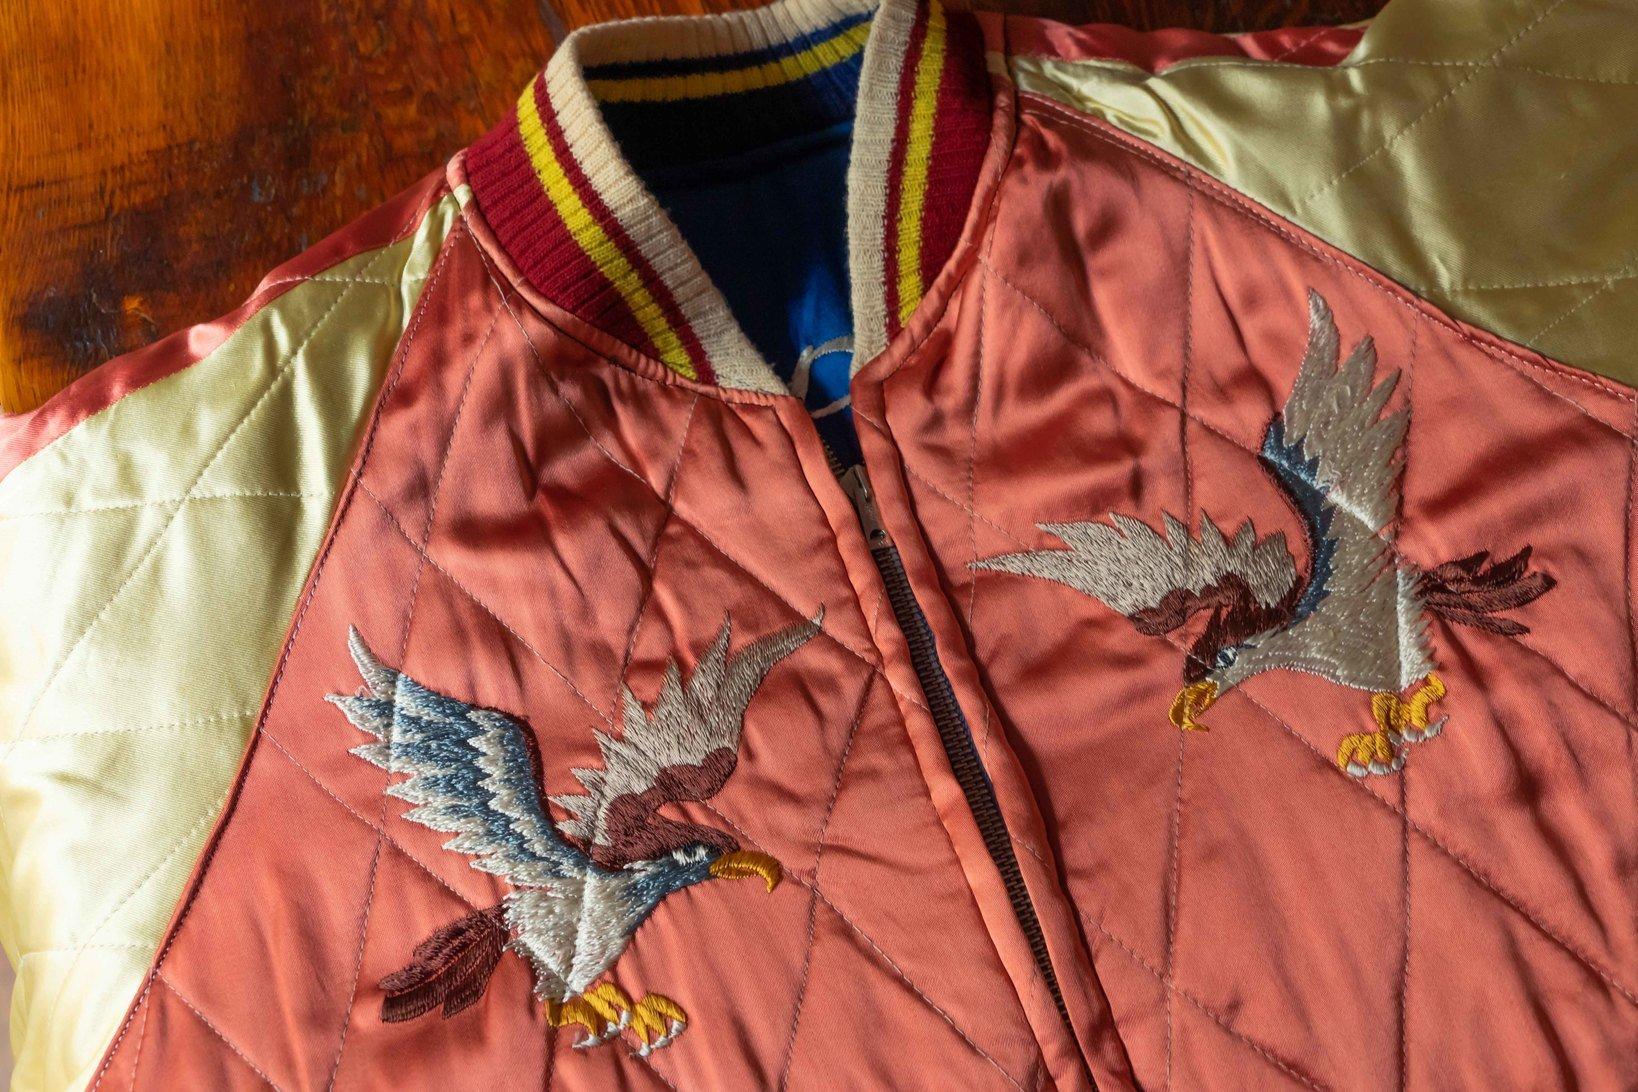 上の画像のスカジャンを裏返したもの。通常、スーベニアジャケットはリバーシブルになっている。